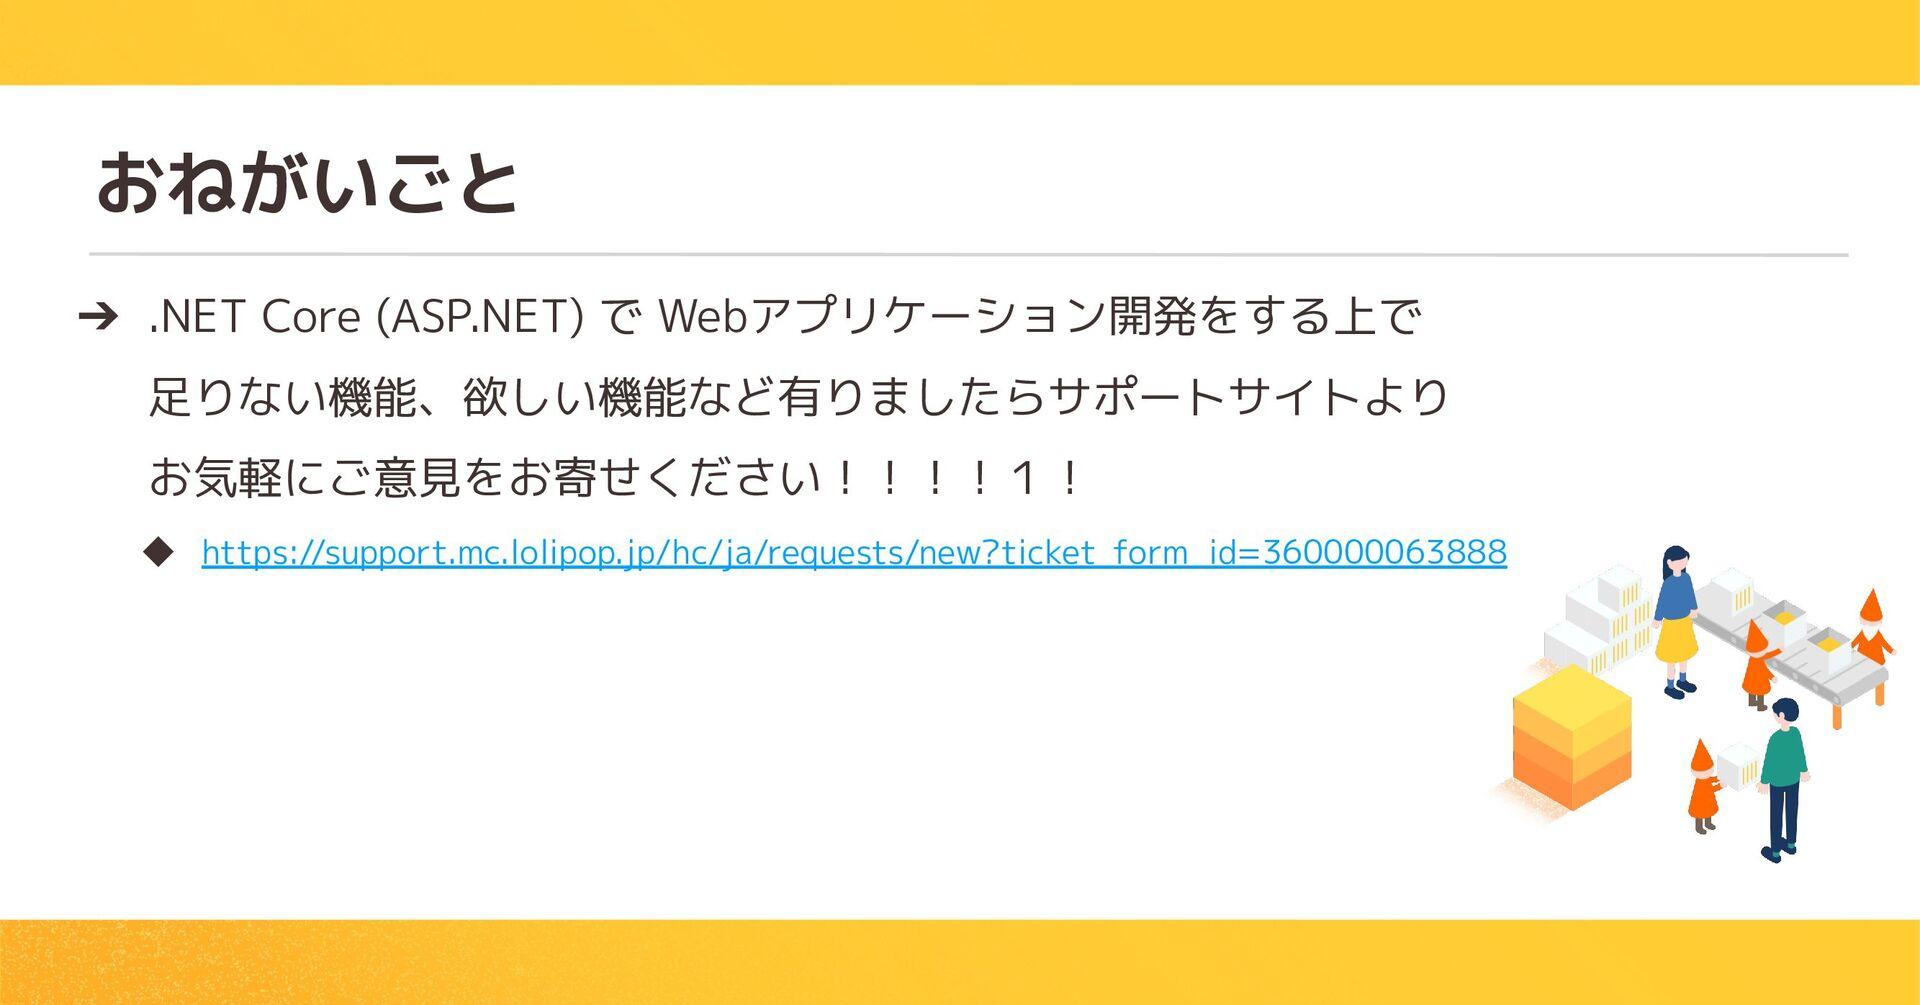 お がいごと ➔ .NET Core (ASP.NET) で Webアプリケーション開発をする...